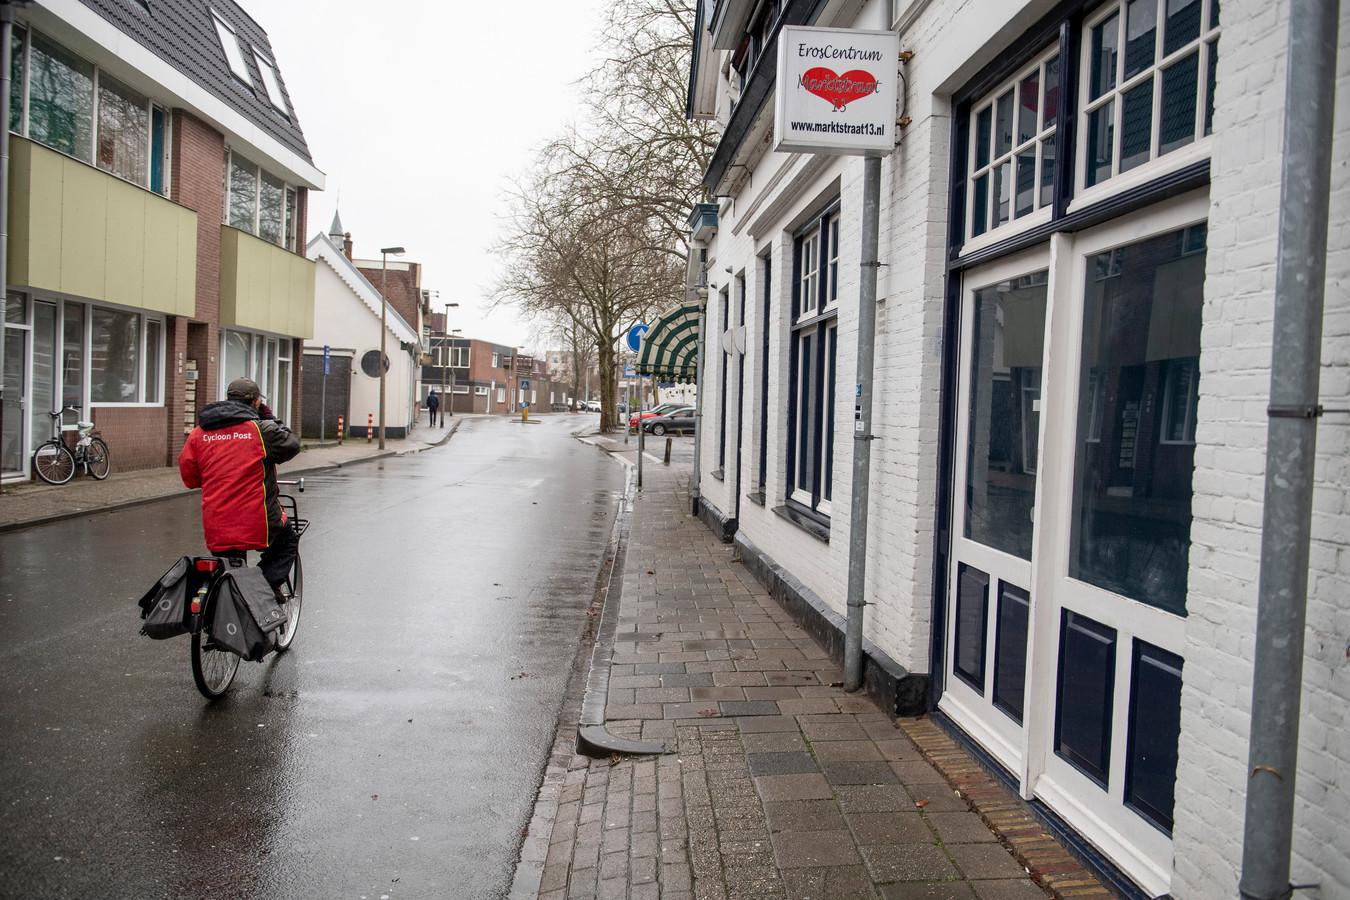 In het pand Markstraat 13 komt mogelijk in de toekomst weer een bordeel.